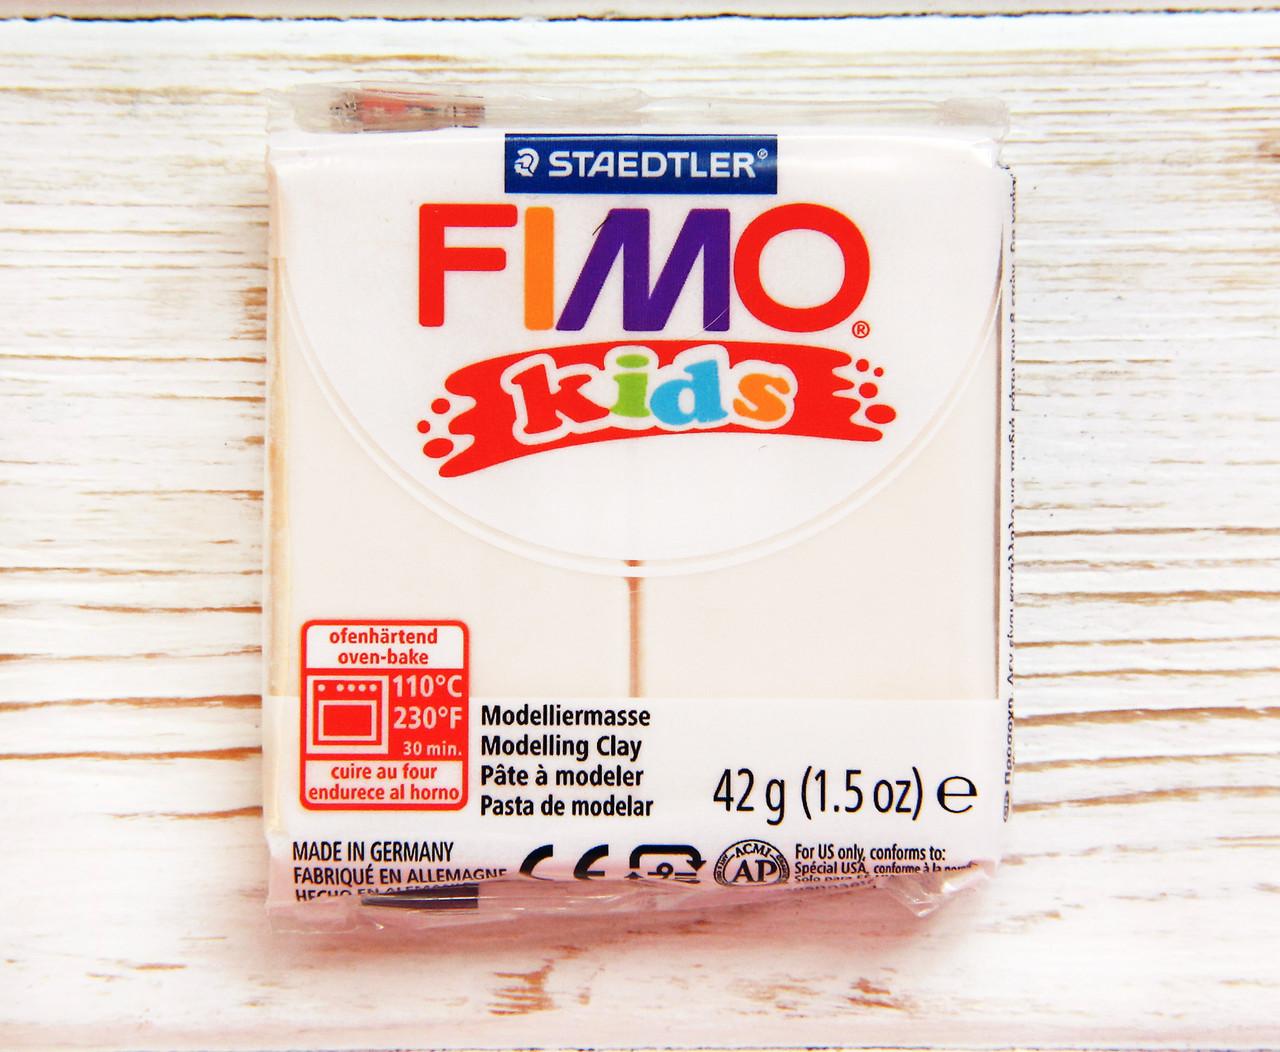 Фимо Кидс полимерная глина пластик,  Fimo Kids, Германия. Белый, 0